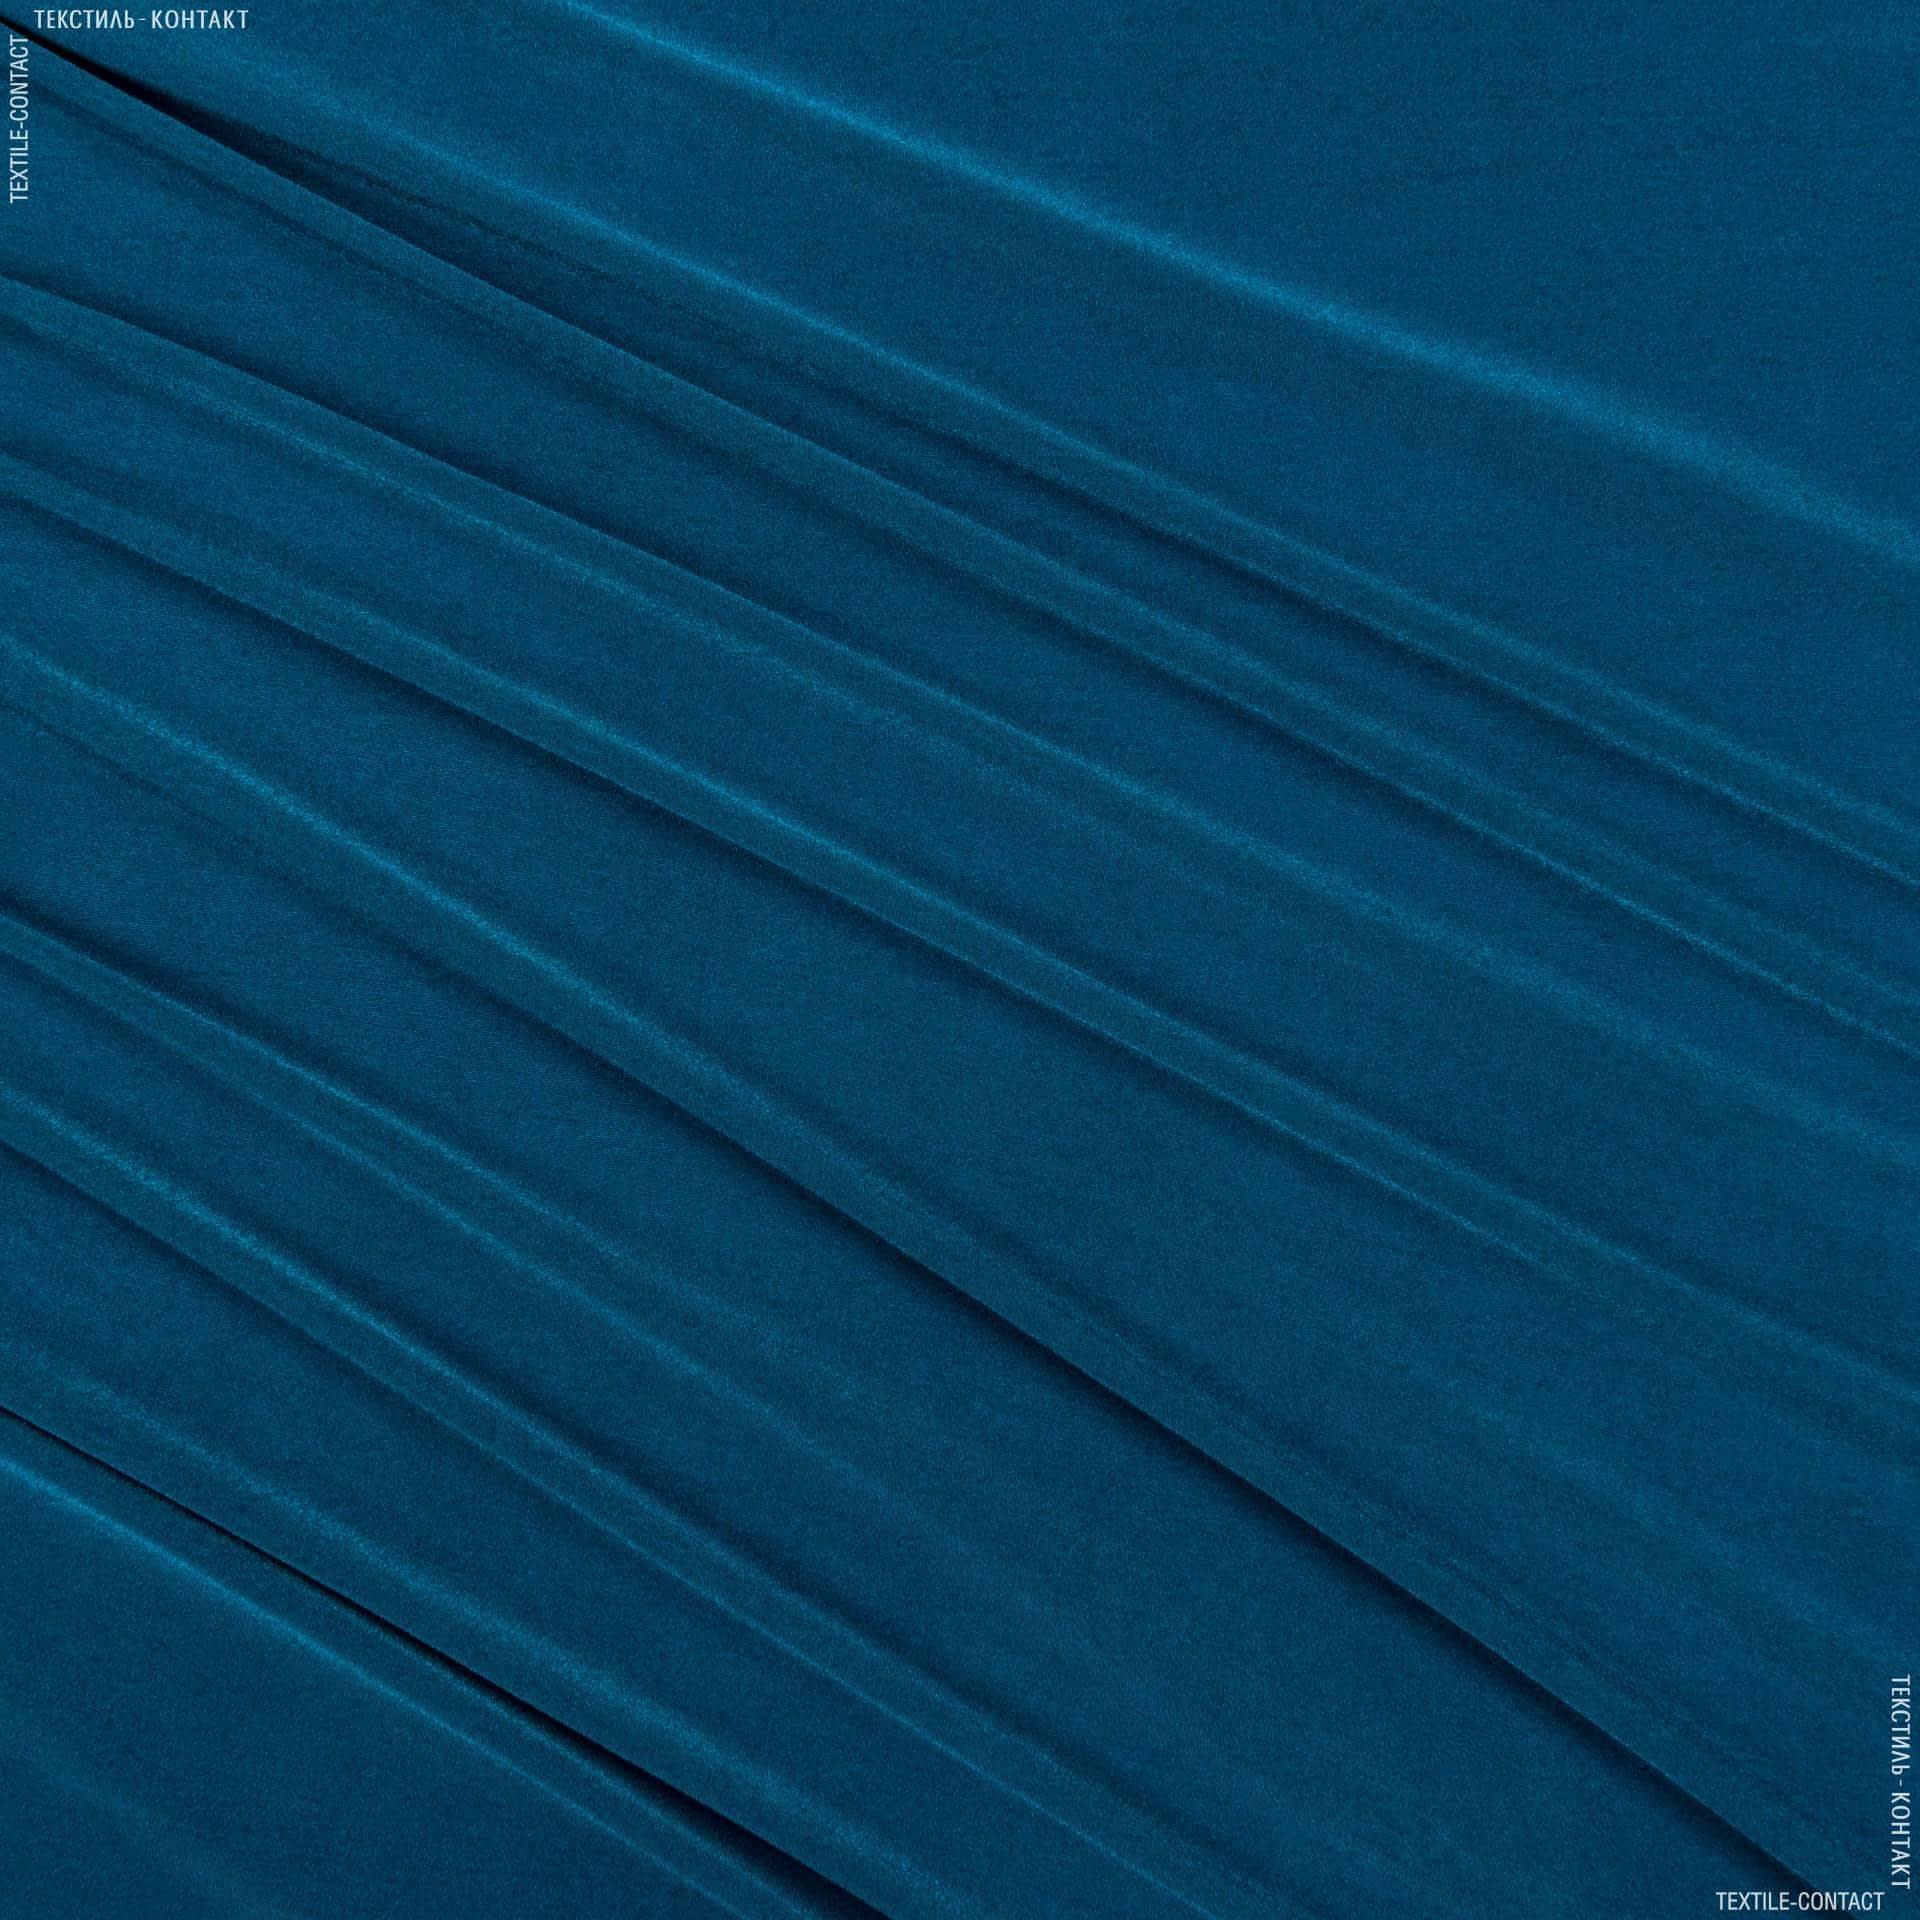 Тканини для костюмів - Трикотаж жасмін морська хвиля